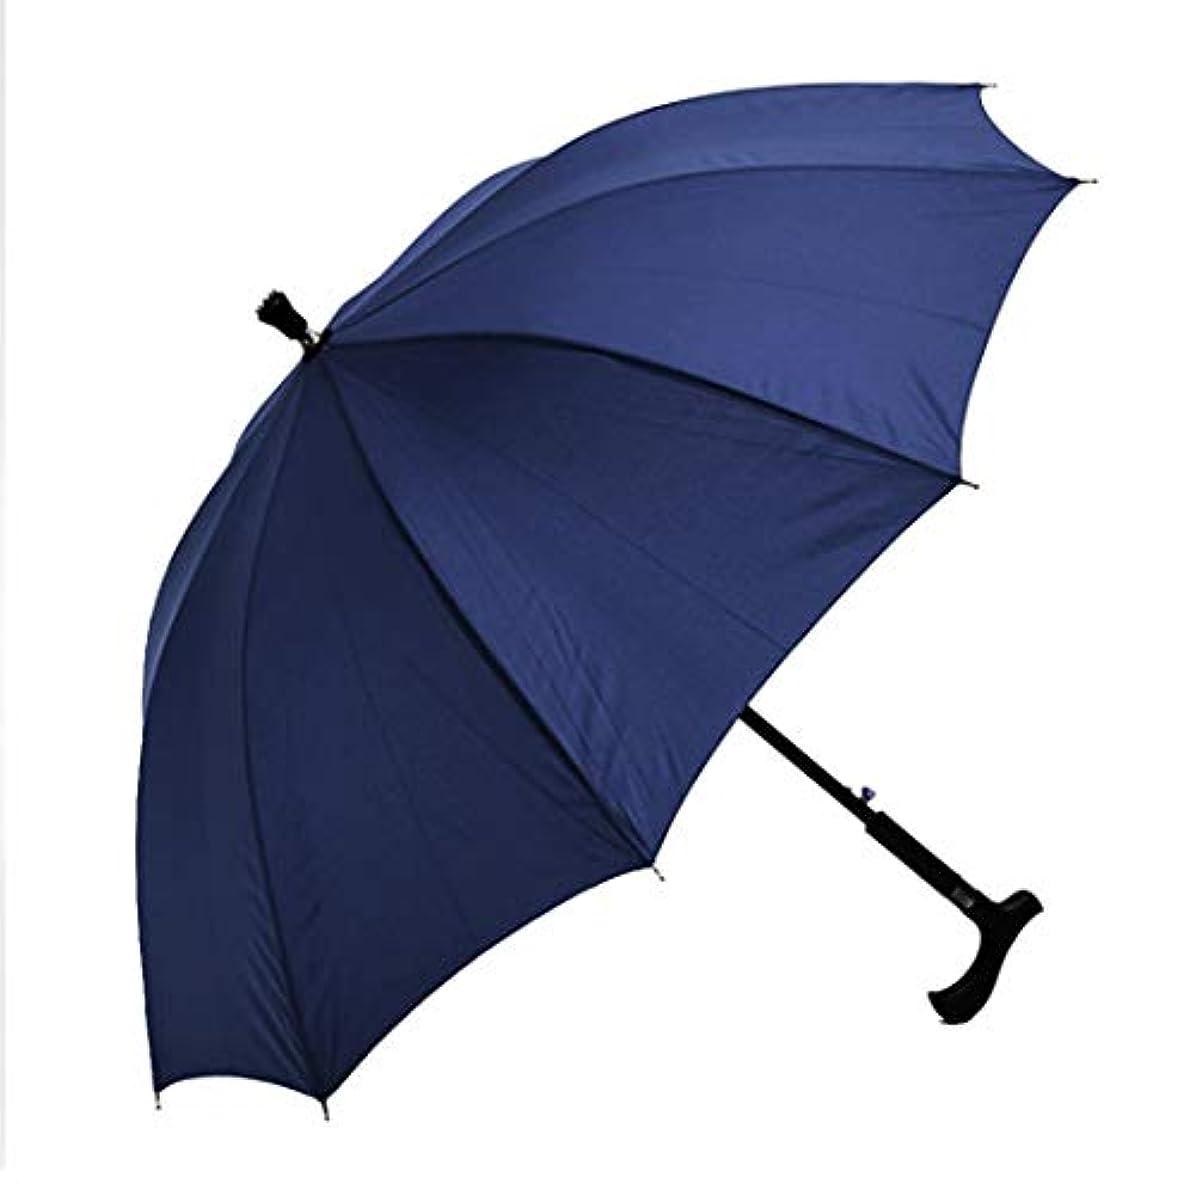 故意の周波数ドロップcomentrisyz 2-in-1 クライミング ハイキング スティック 松葉杖 防風雨 サン 傘 - ブルー